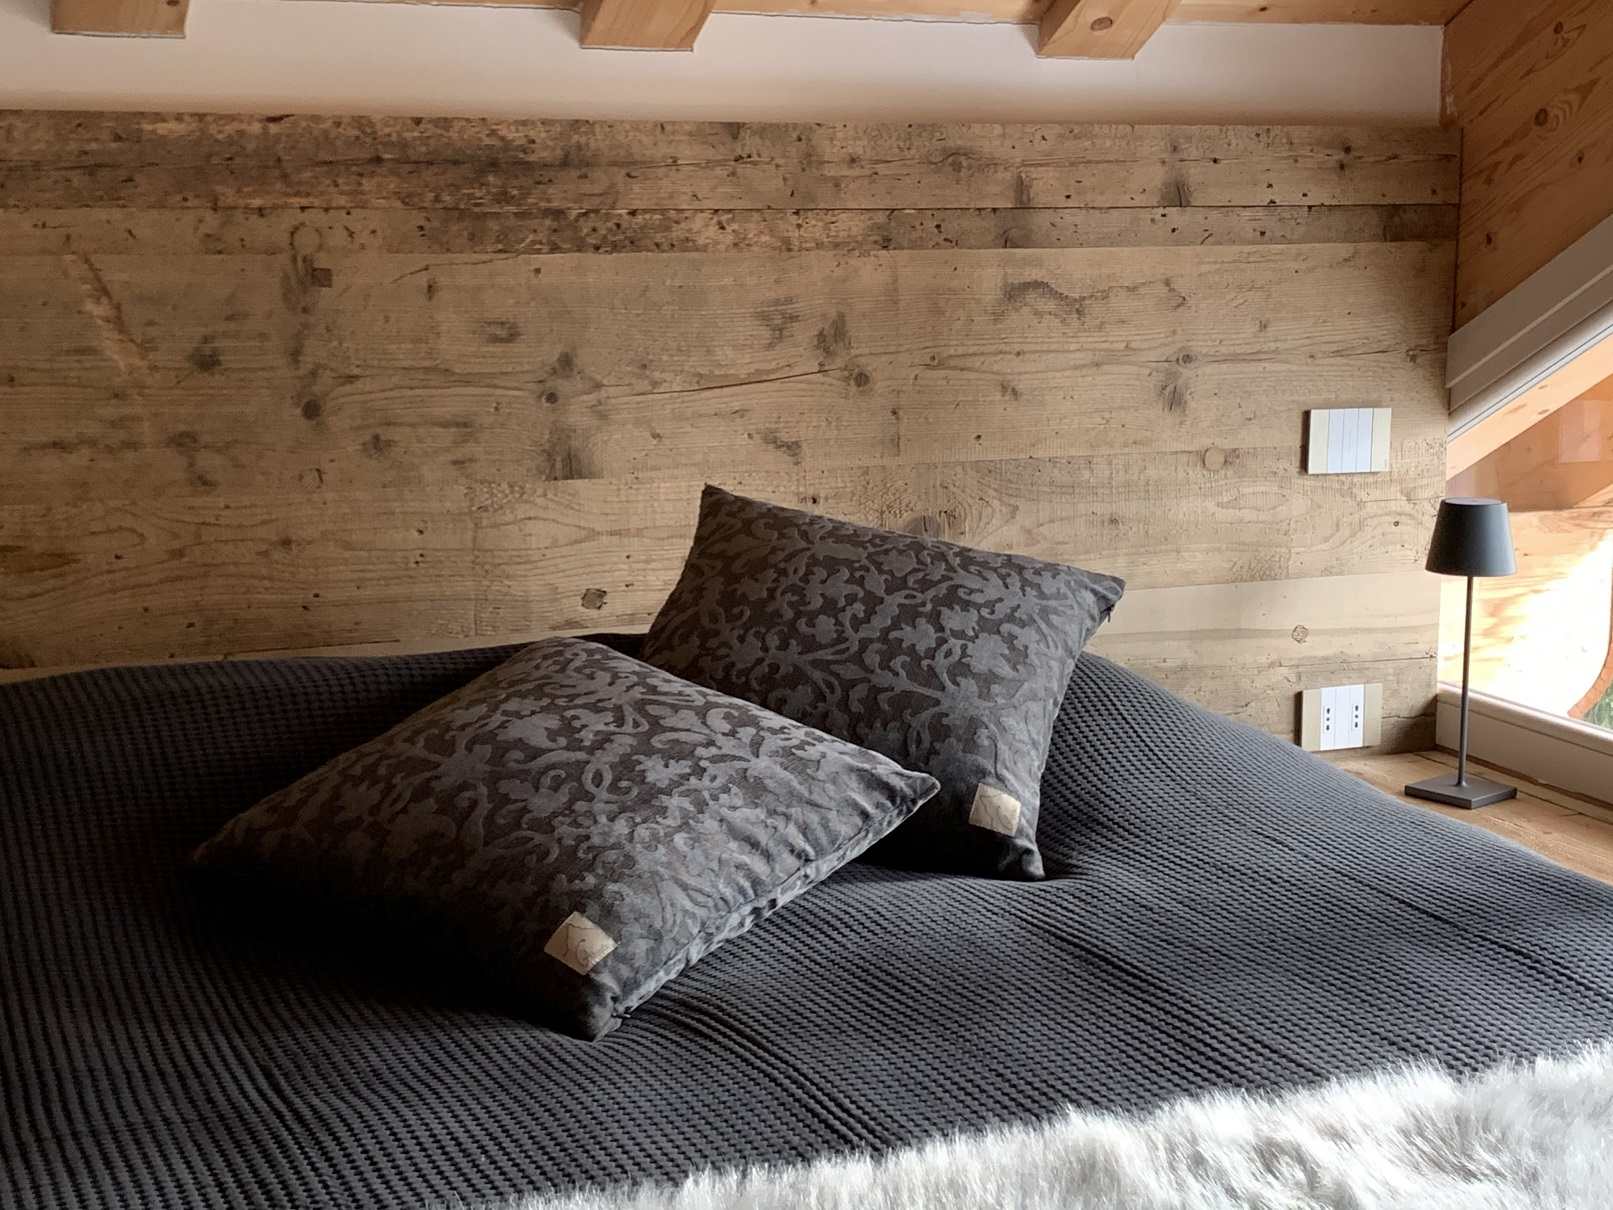 cuscino antracite damascato su letto di montagna